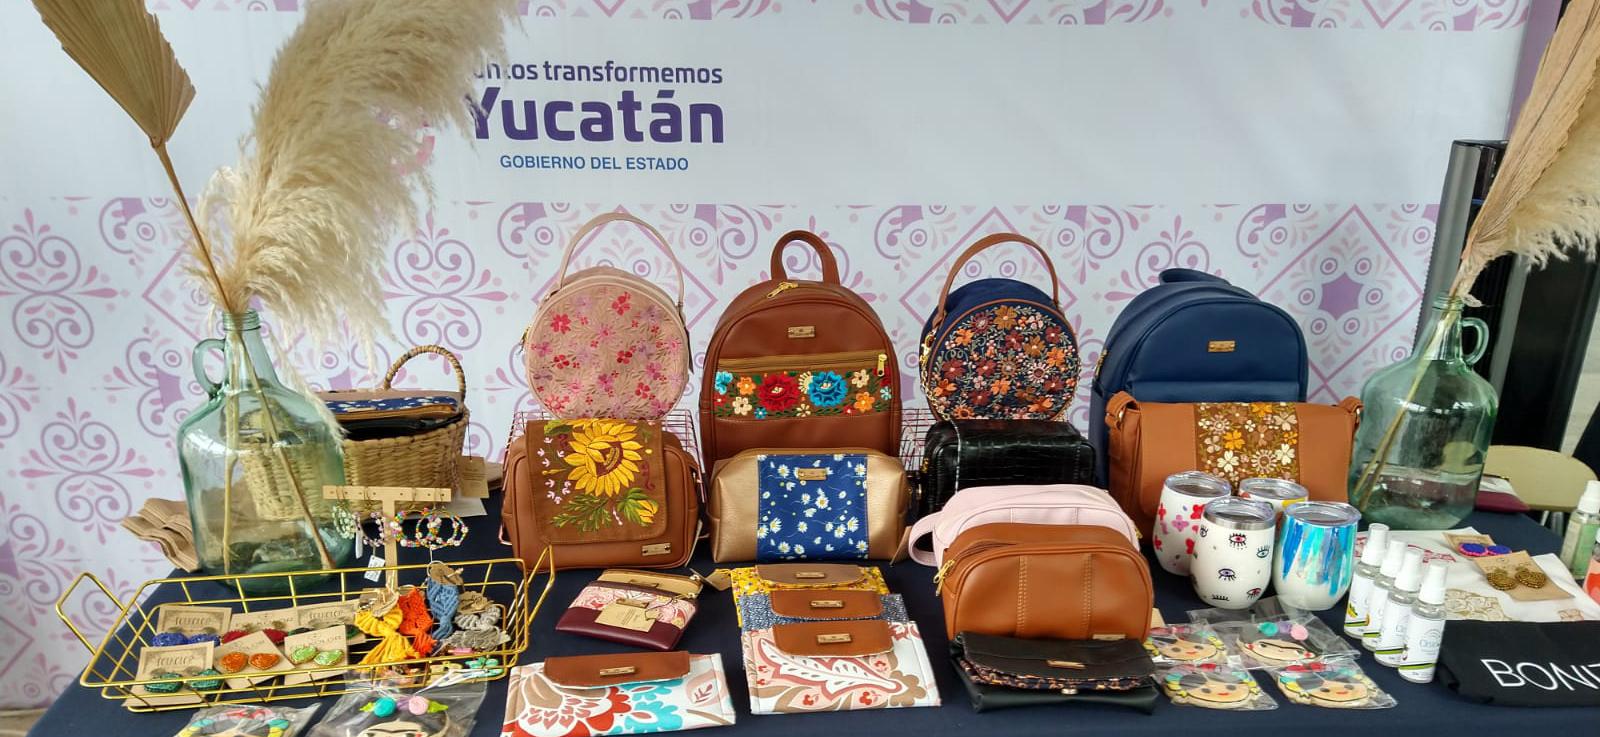 artesanias yucatecas 21WhatsApp Image 2021-09-11 at 12.22.16 PM-2